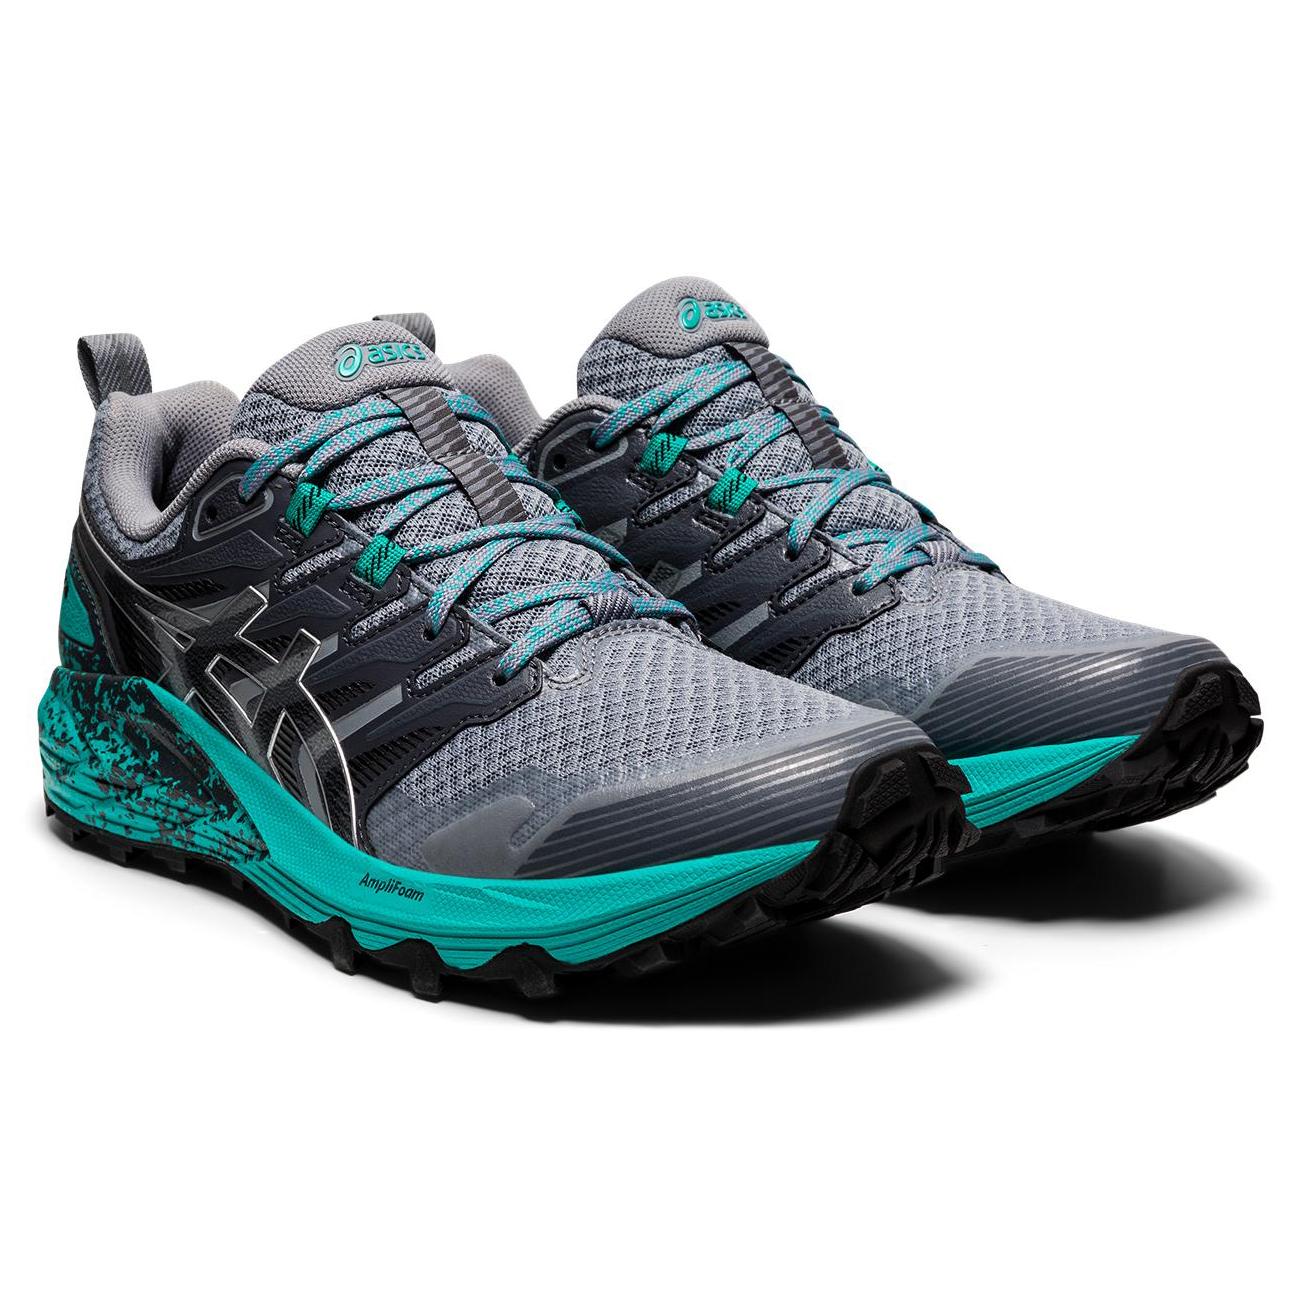 Asics - Women's Gel-Trabuco Terra - Trail running shoes - Sheet Rock / Pure Silver | 6 (US)